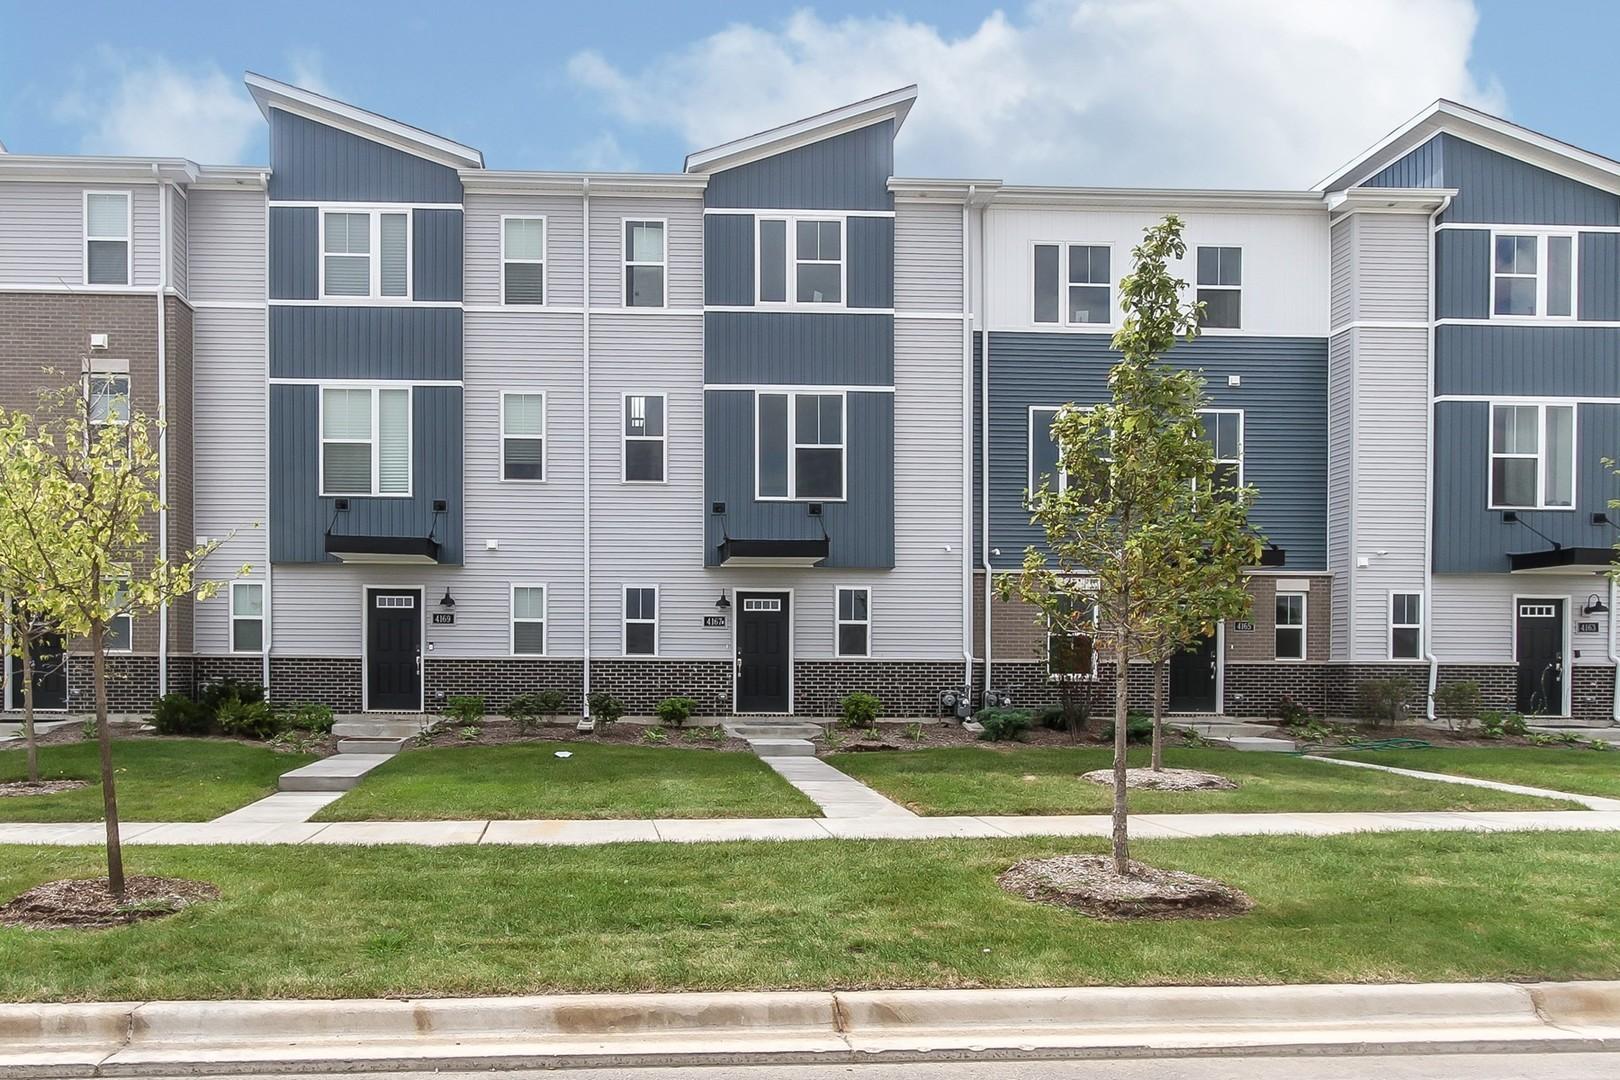 4167  Calder Lot #35.03,  Aurora, Illinois